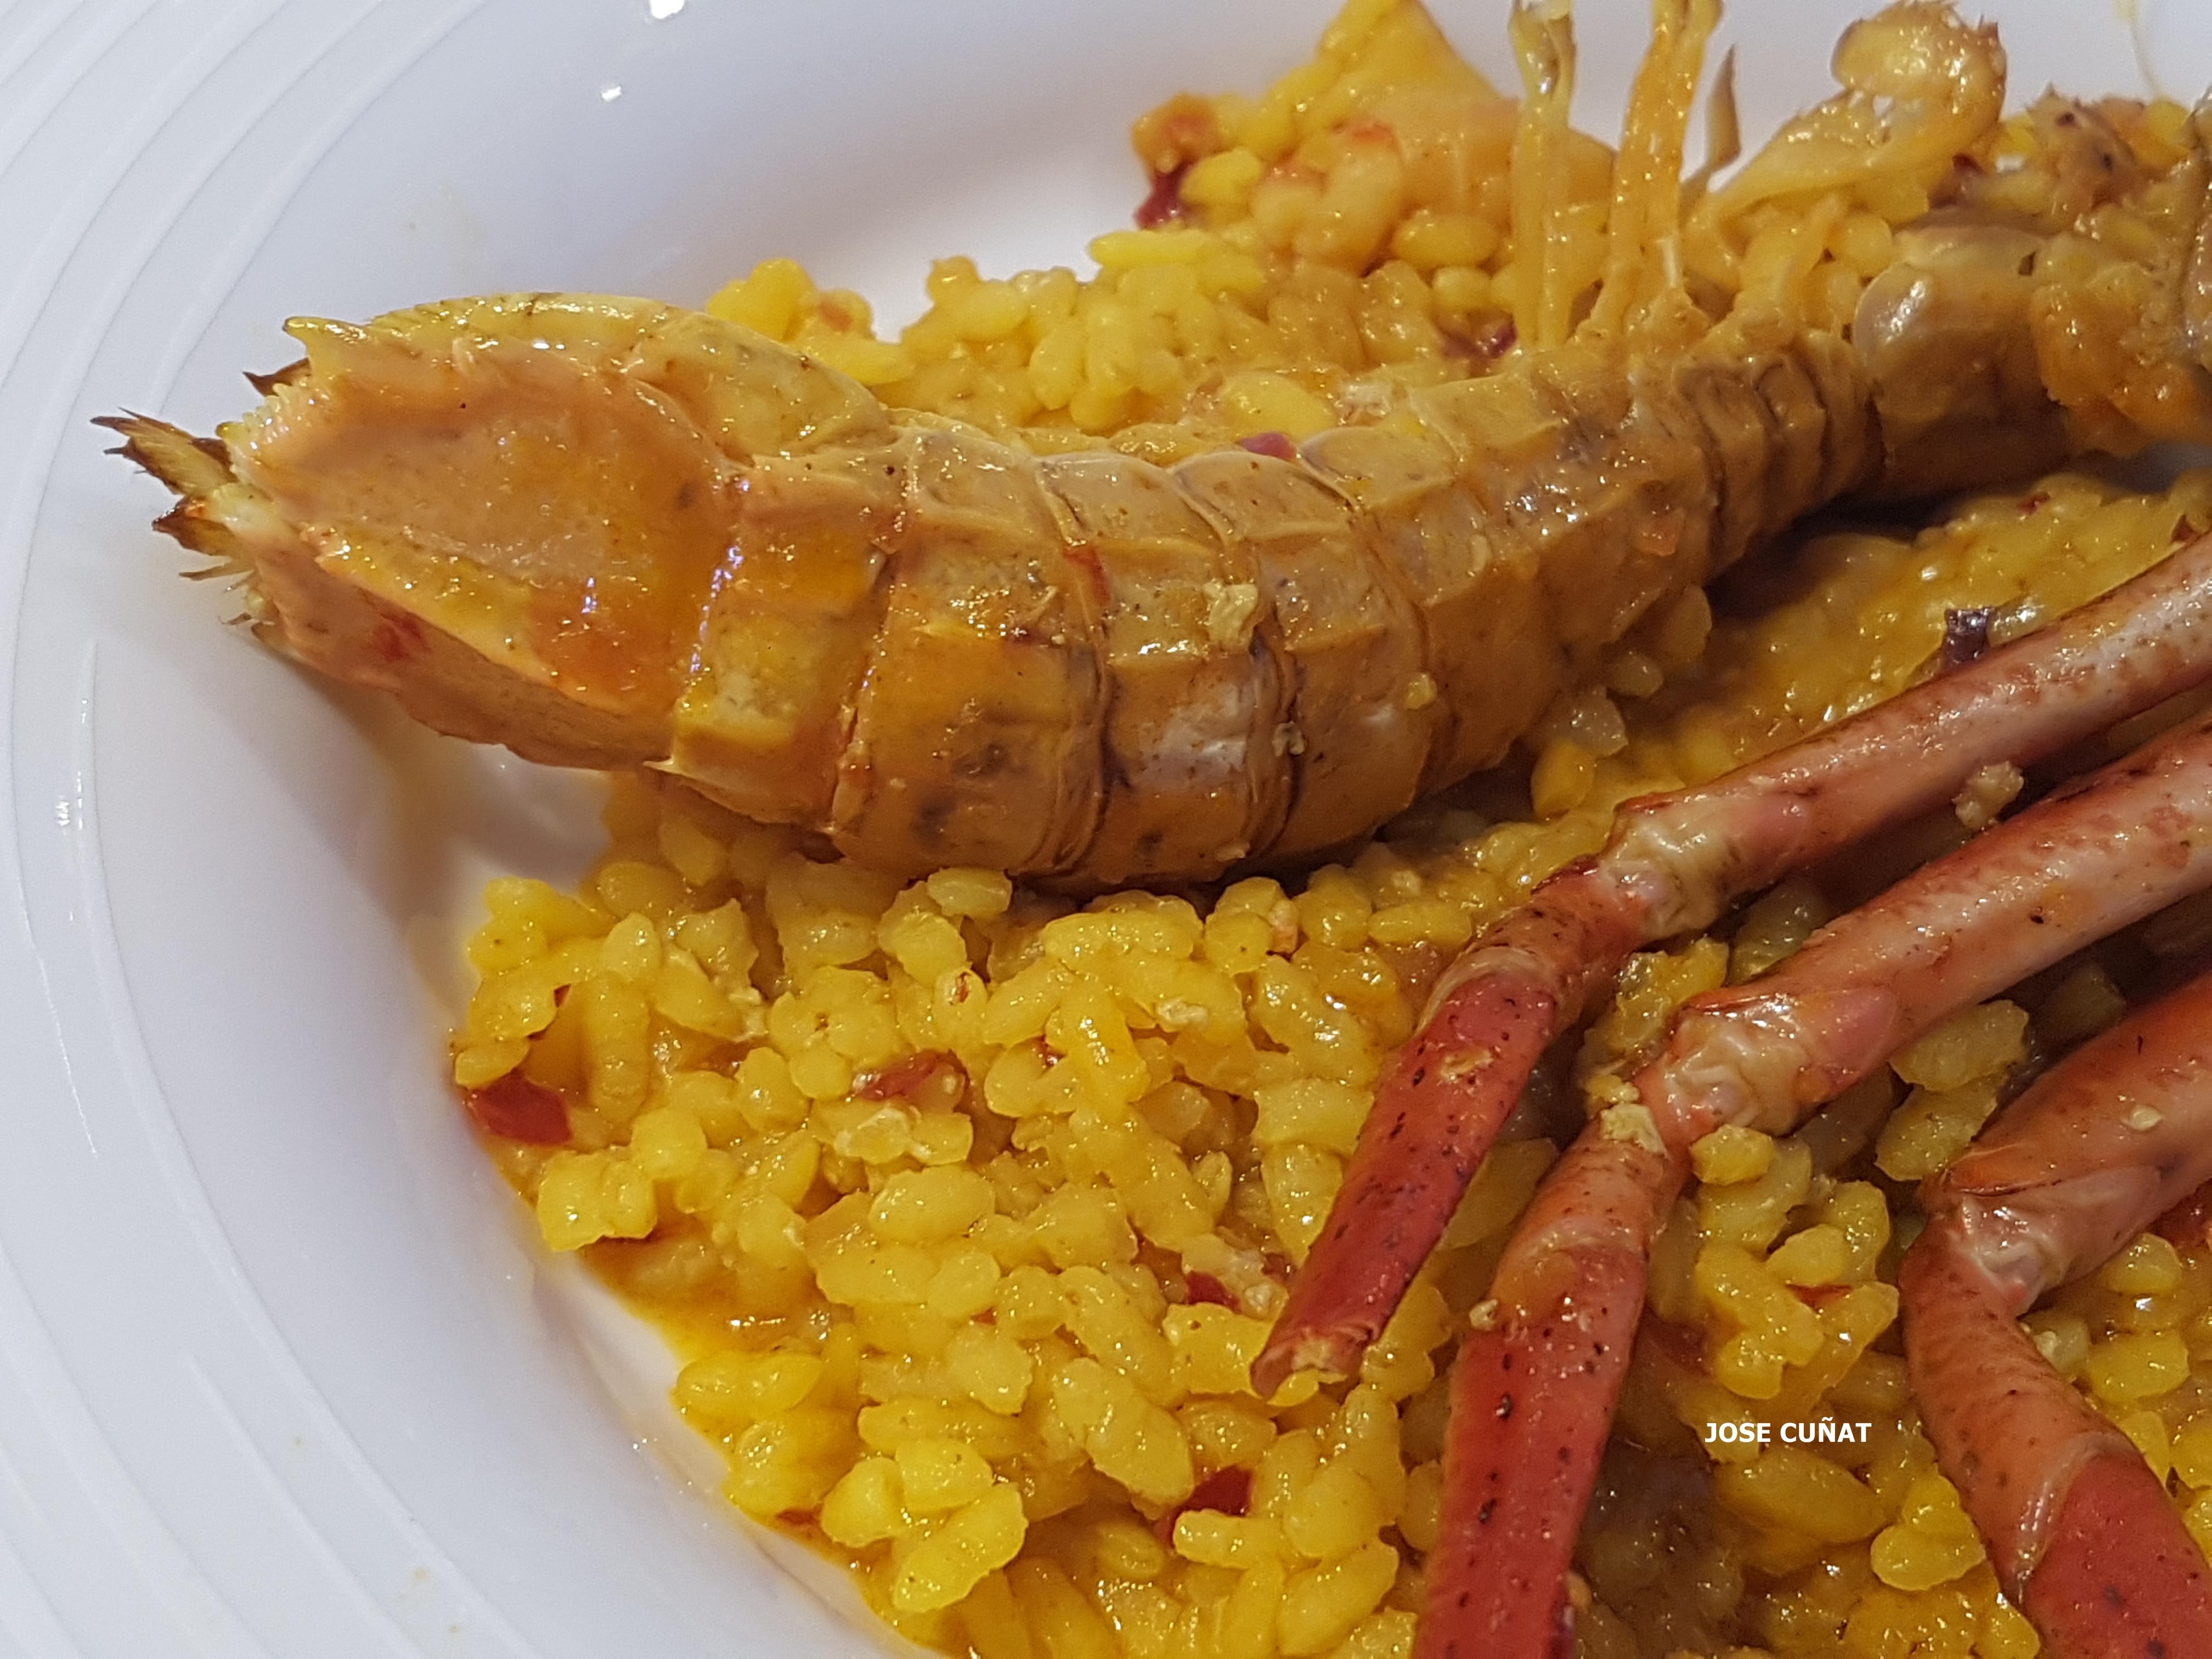 Nou Racó tradición y arte con el arroz. Referente gastronómico de la cocina valenciana